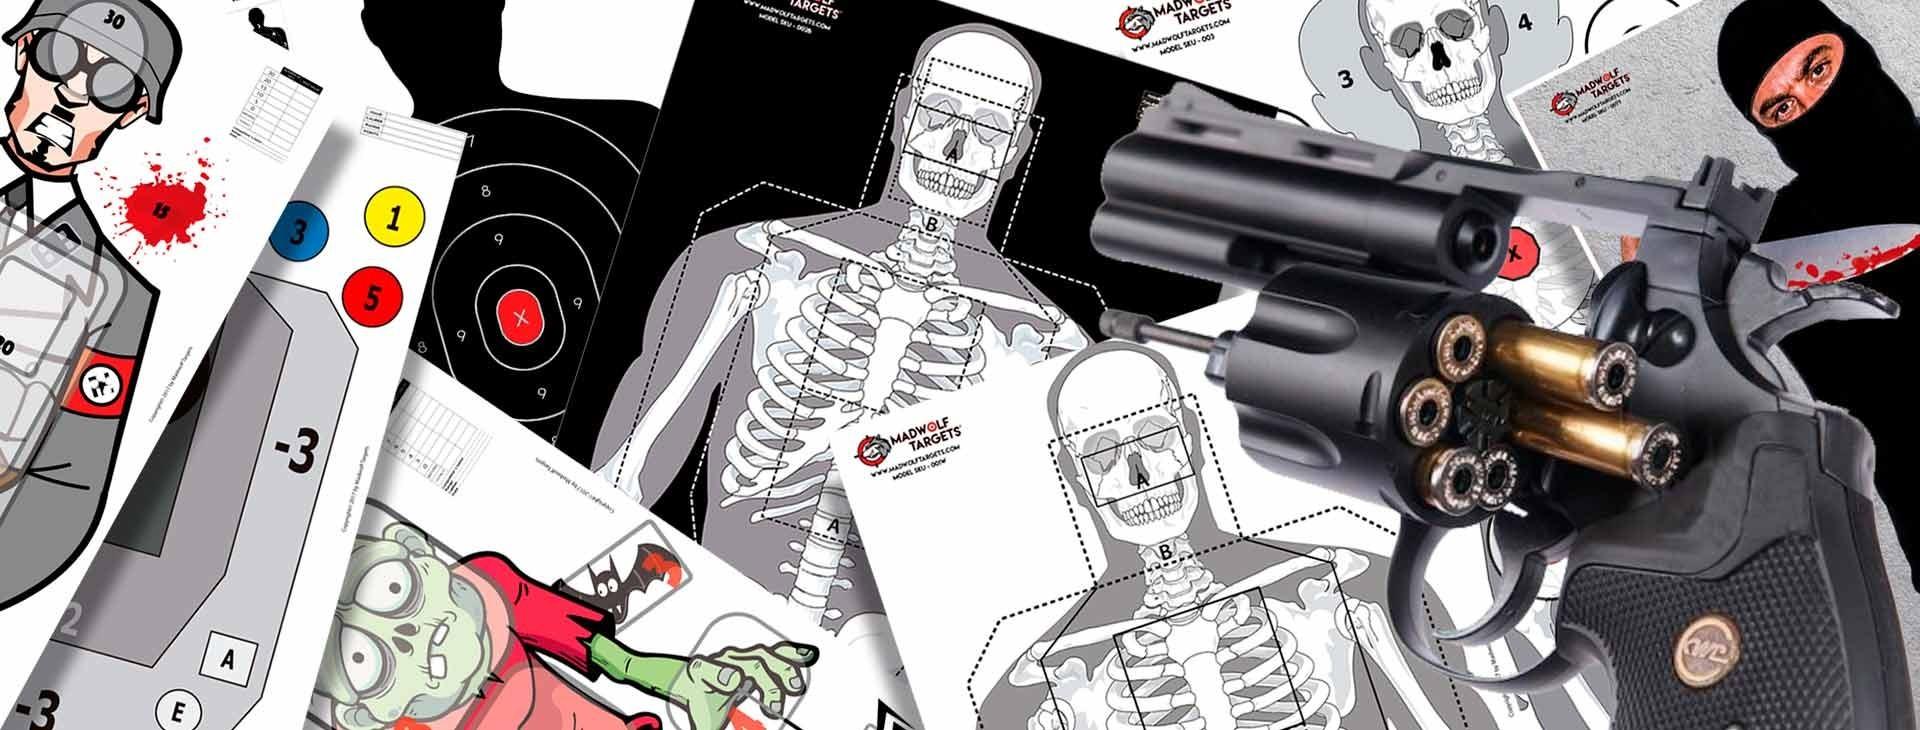 Blancos de tiro - Papel - Realistas - Madwolf Targets